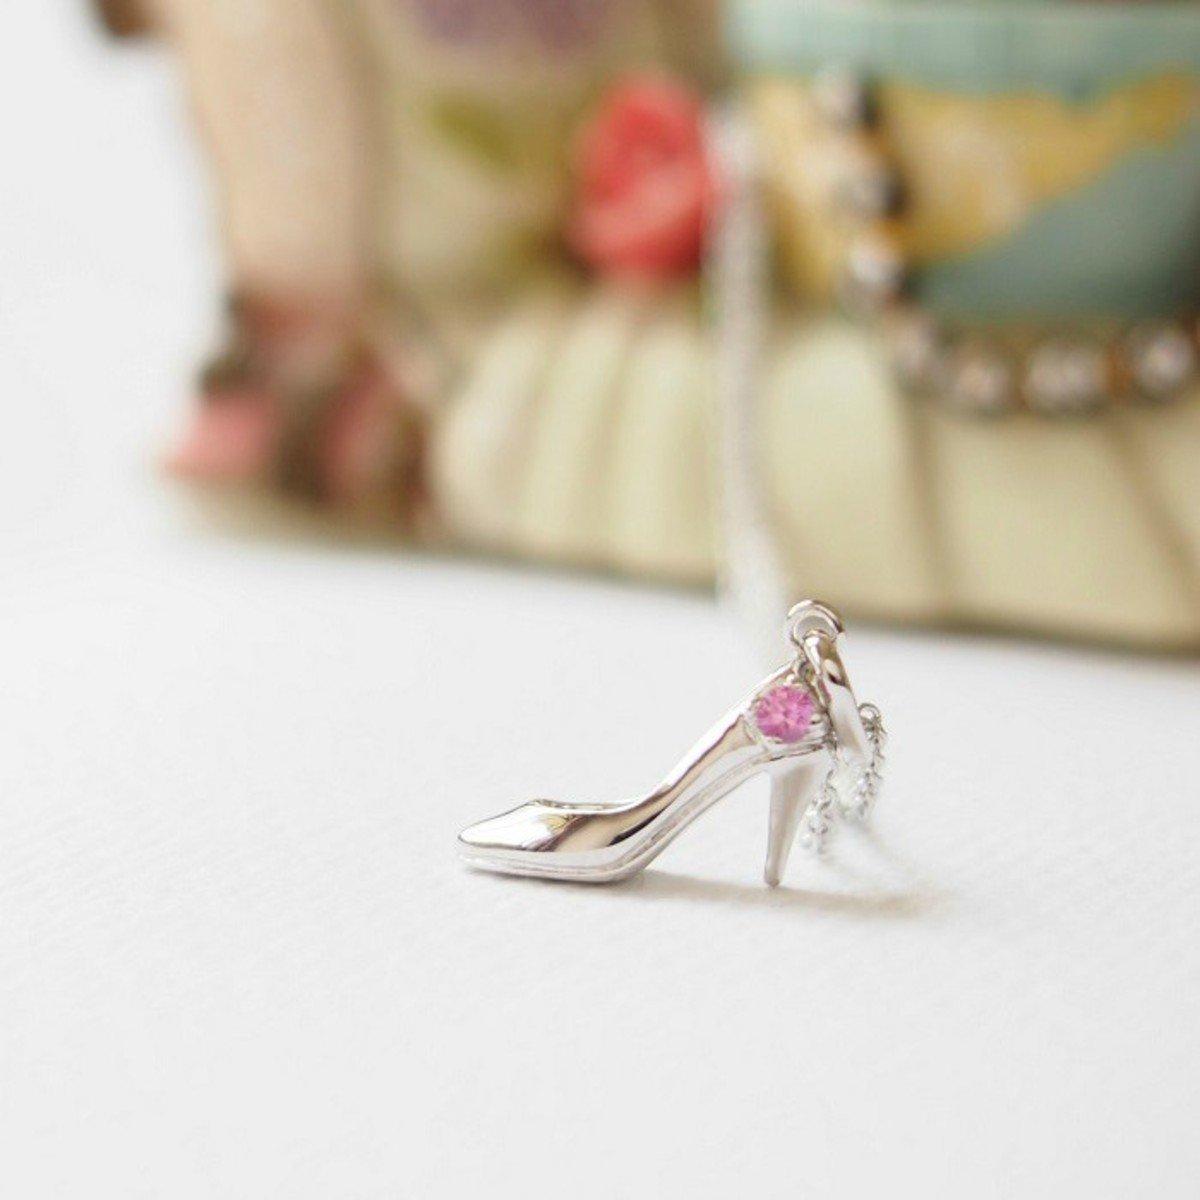 高跟鞋粉紅藍寶石項鏈 - 925 純銀